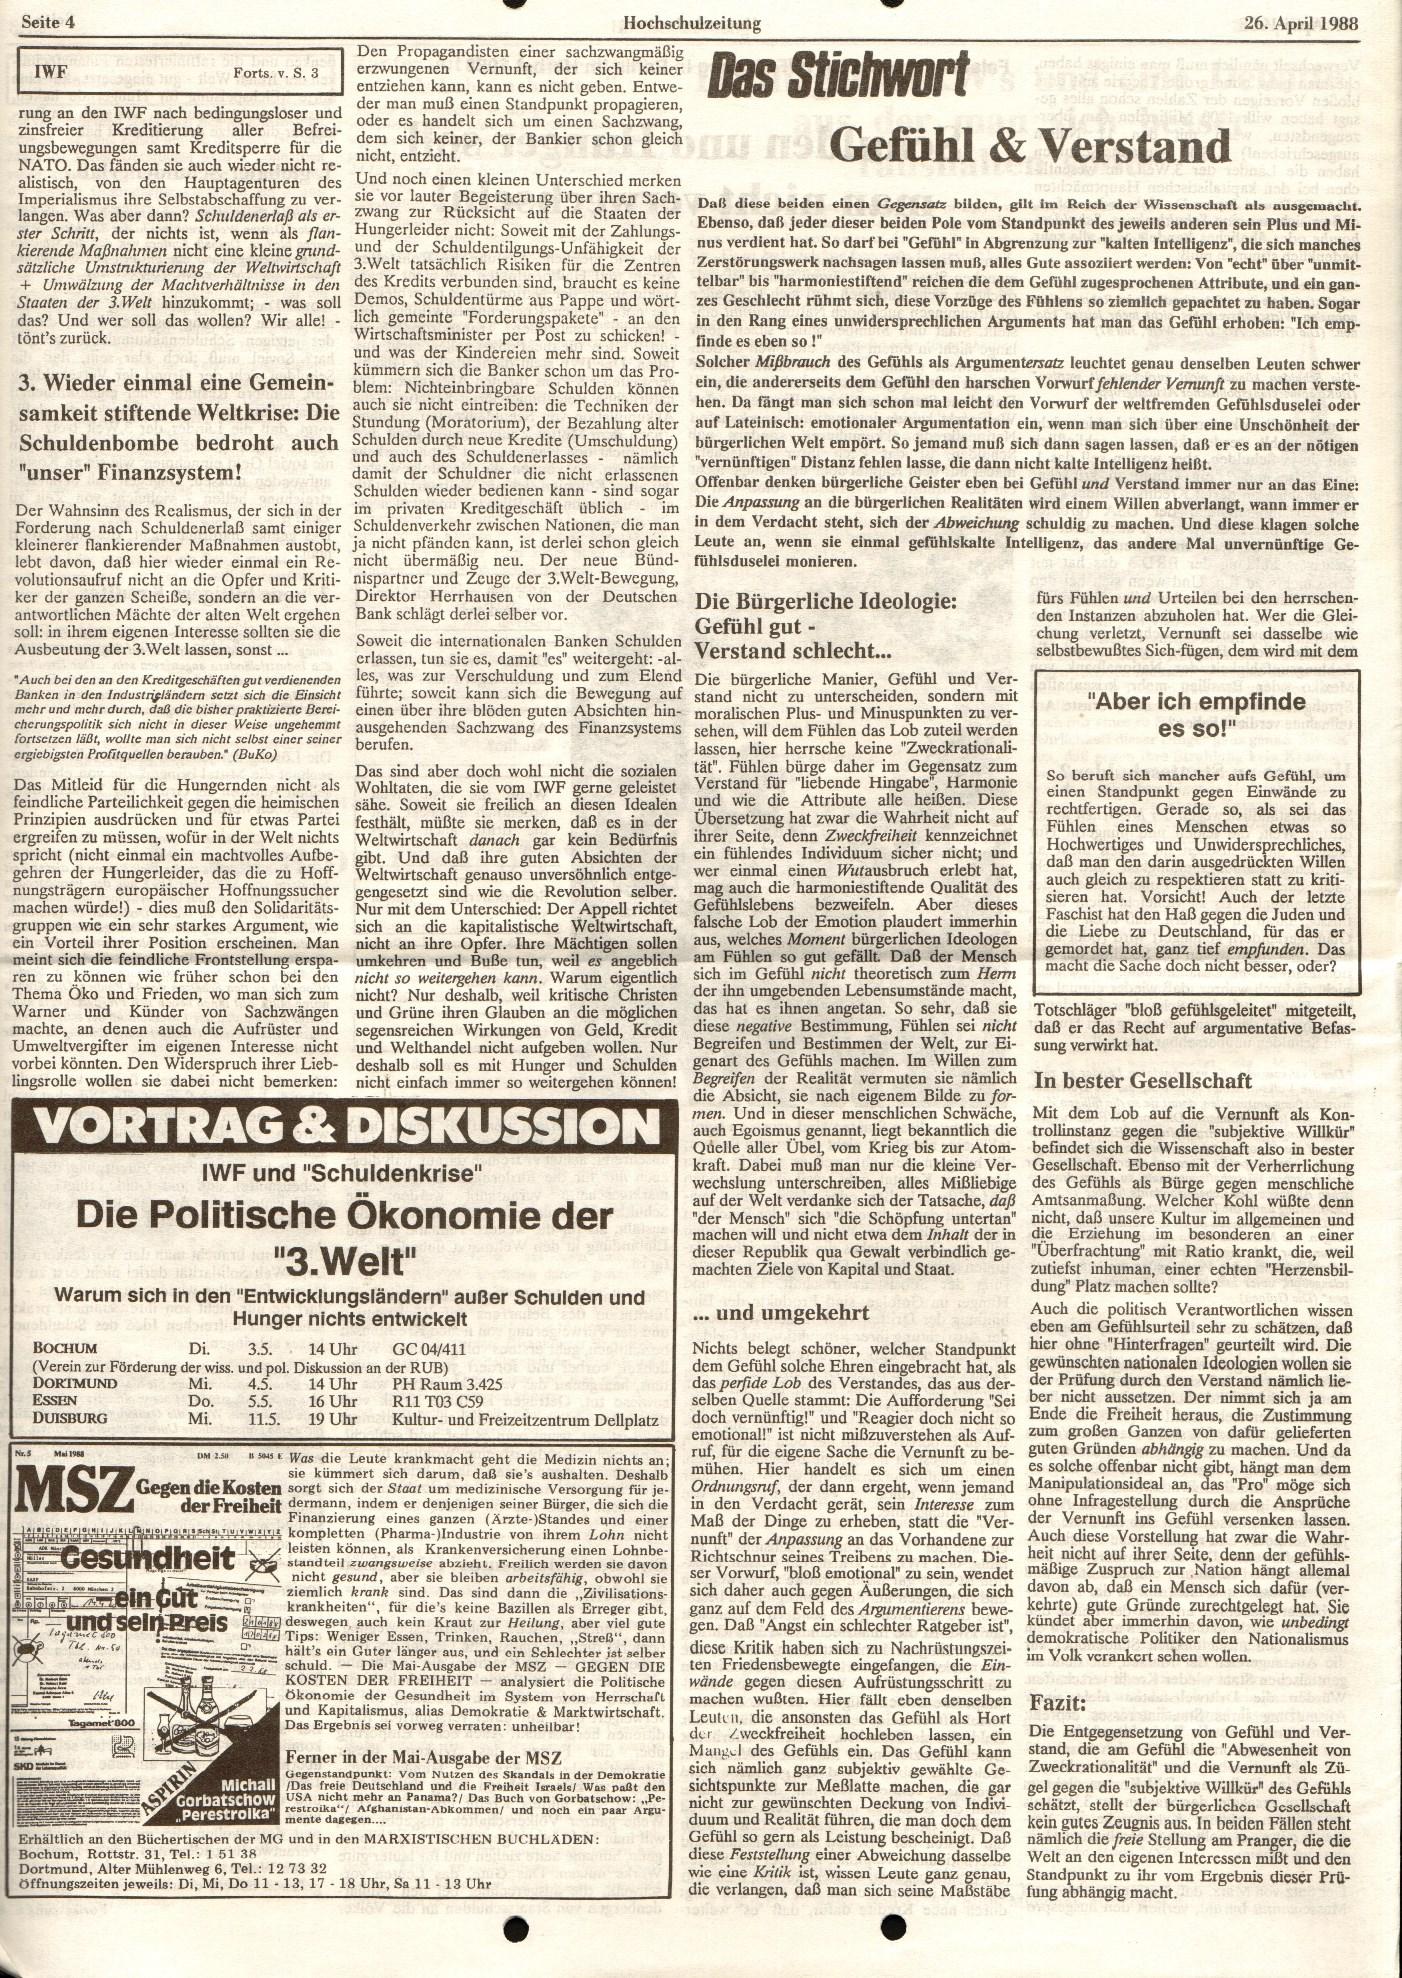 MG_Bochumer_Hochschulzeitung_19880426_04